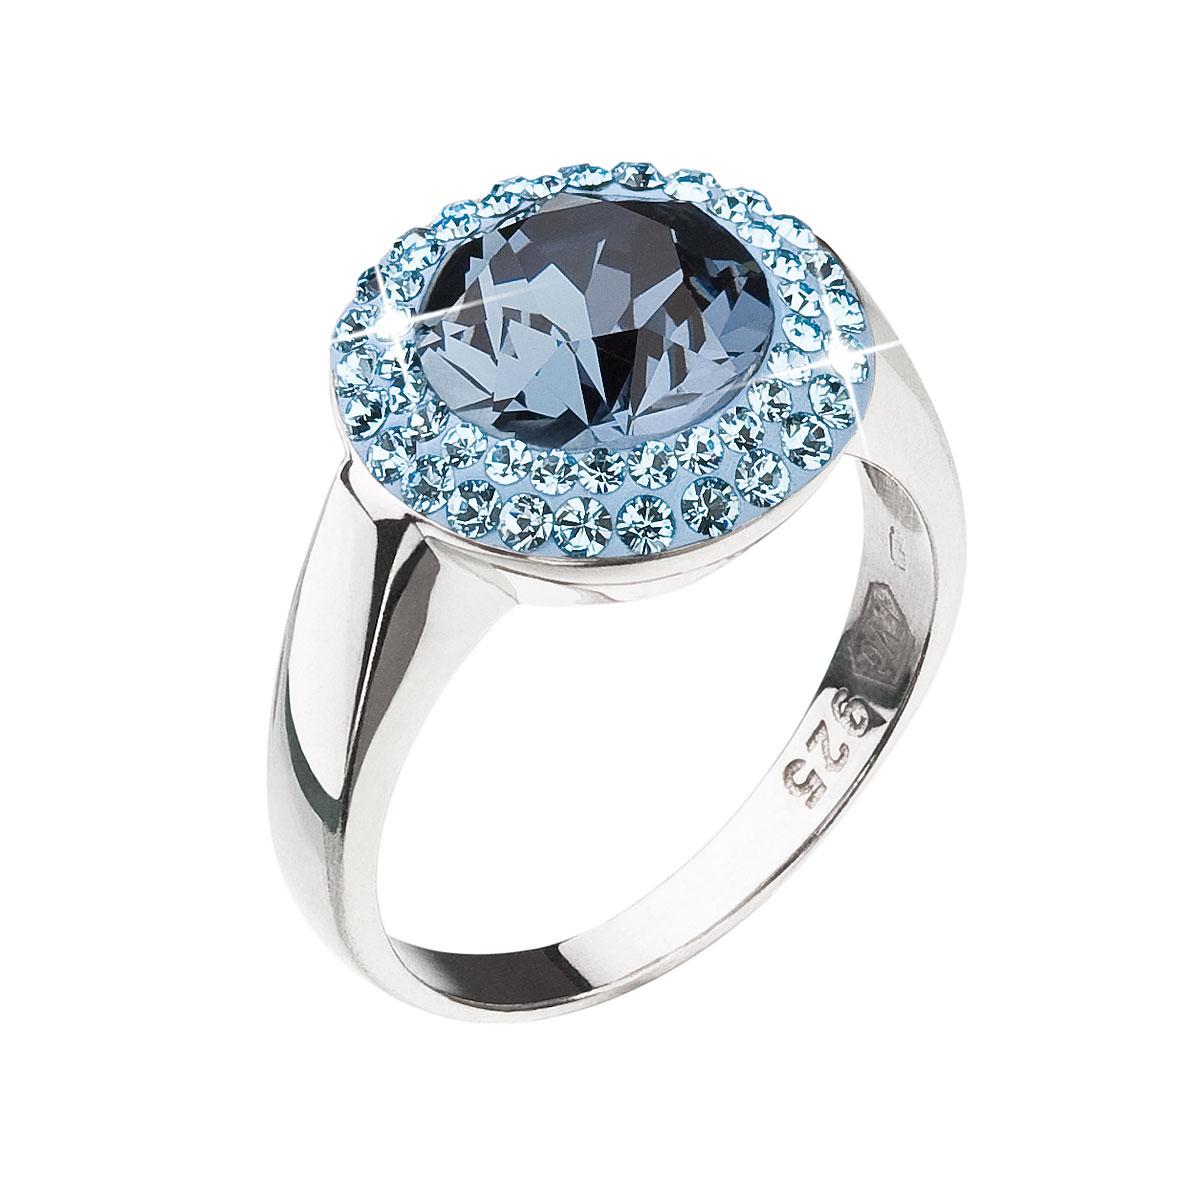 Strieborný prsteň s krištáľmi modrý okrúhly 35025.3